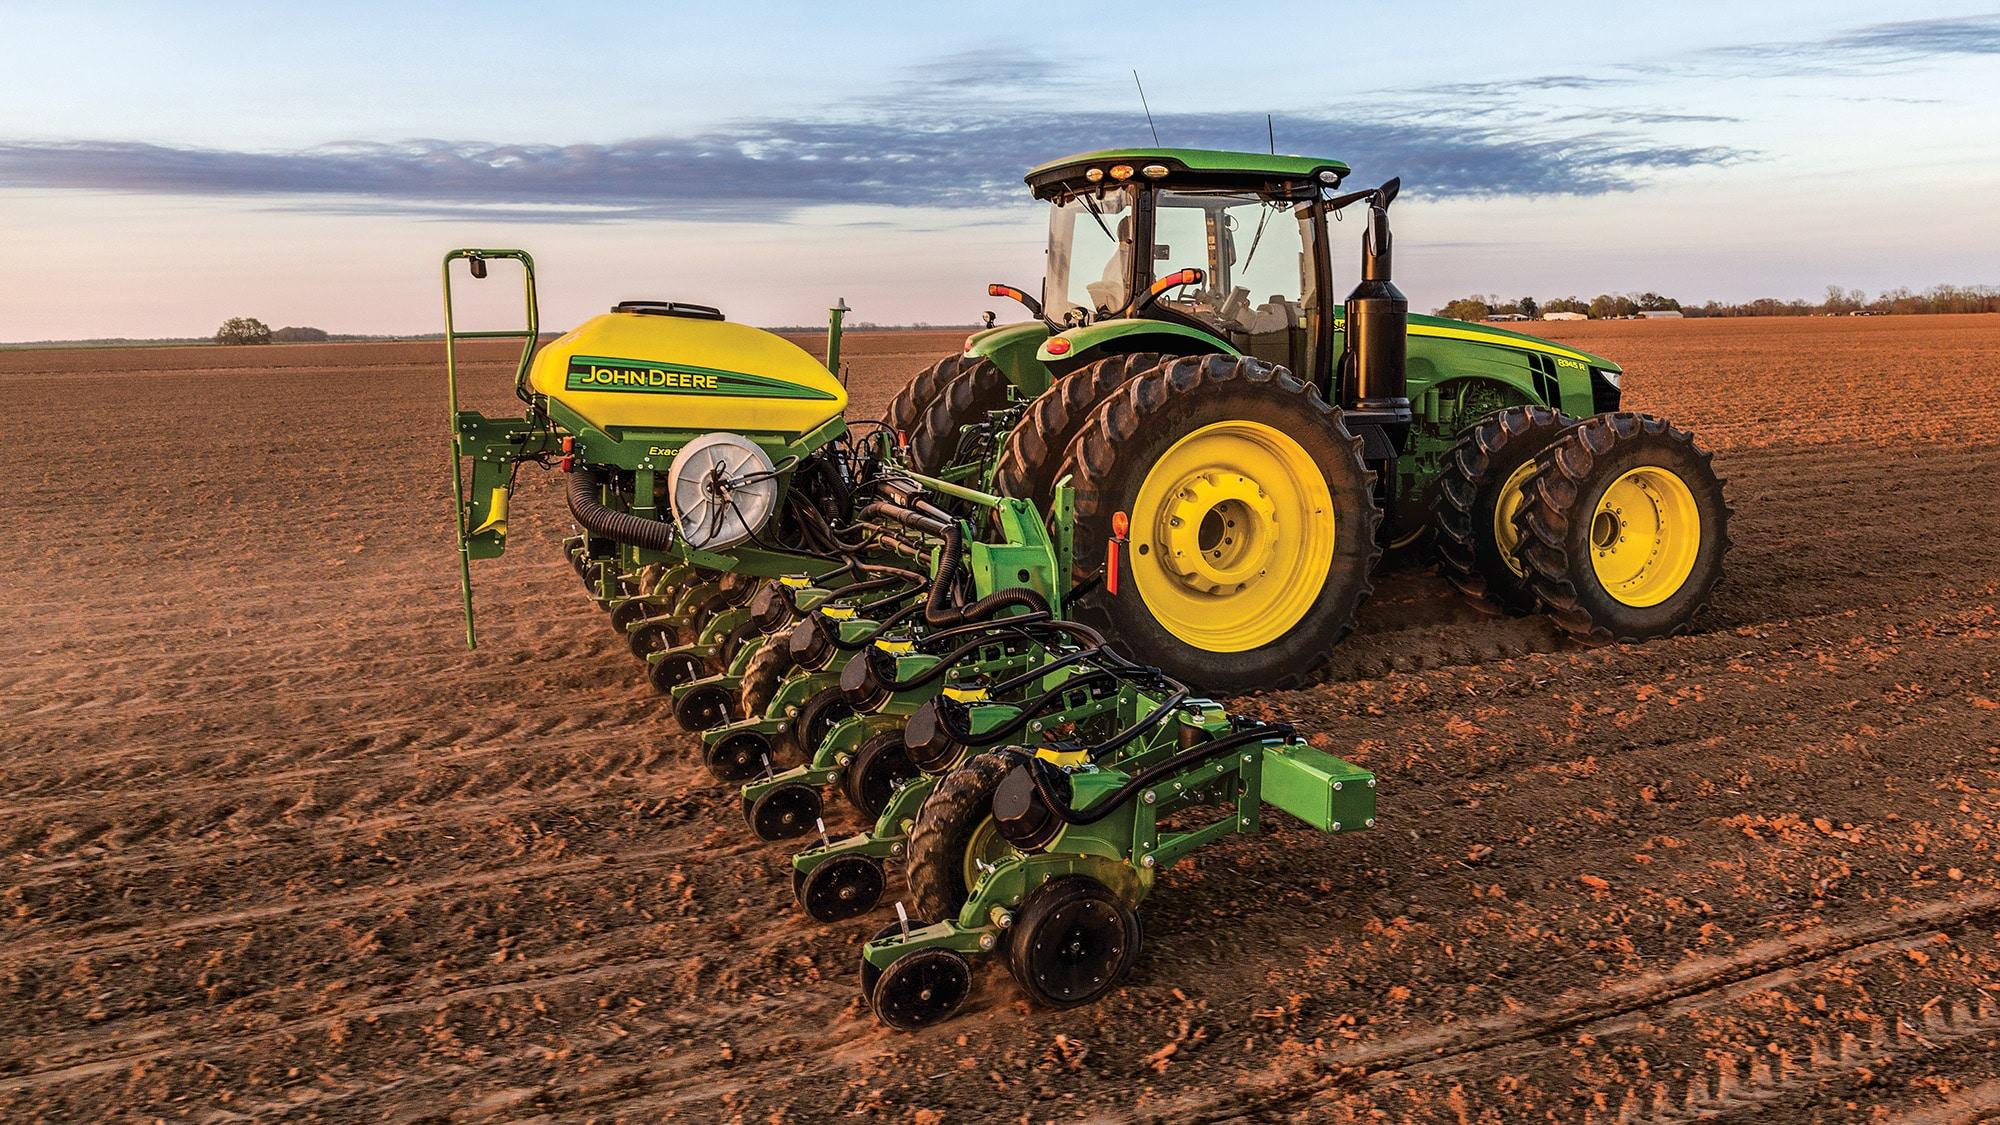 John Deere ExactEmerge planter - Vanderfield